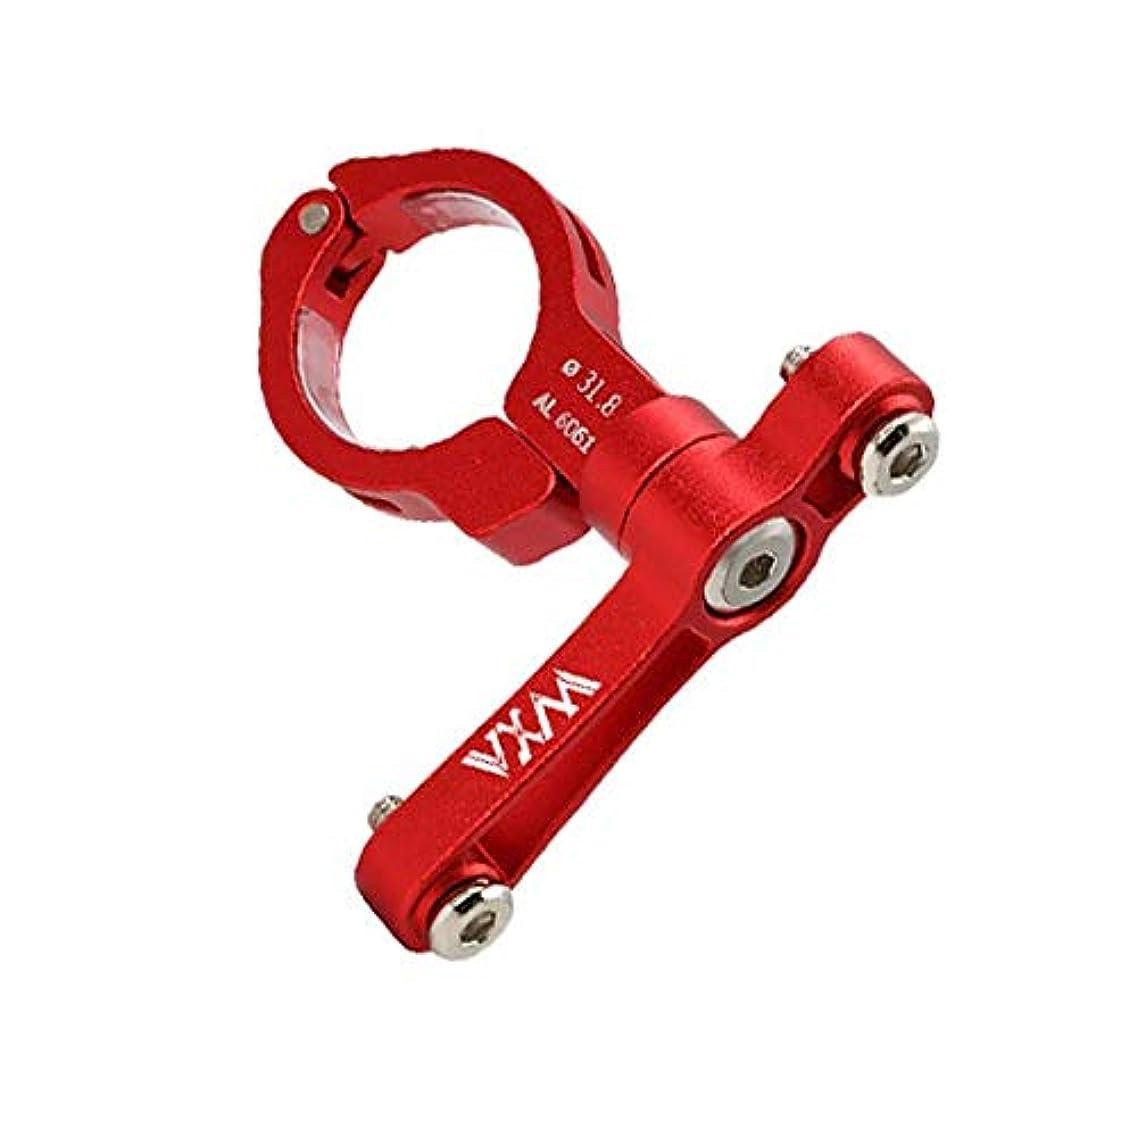 参加するタイプミシンPropenary - Ultralight Bike Water Bottle Holder Bike Rack Bottle Bracket Seat Post Mounted Free Rotation Bar Mount...